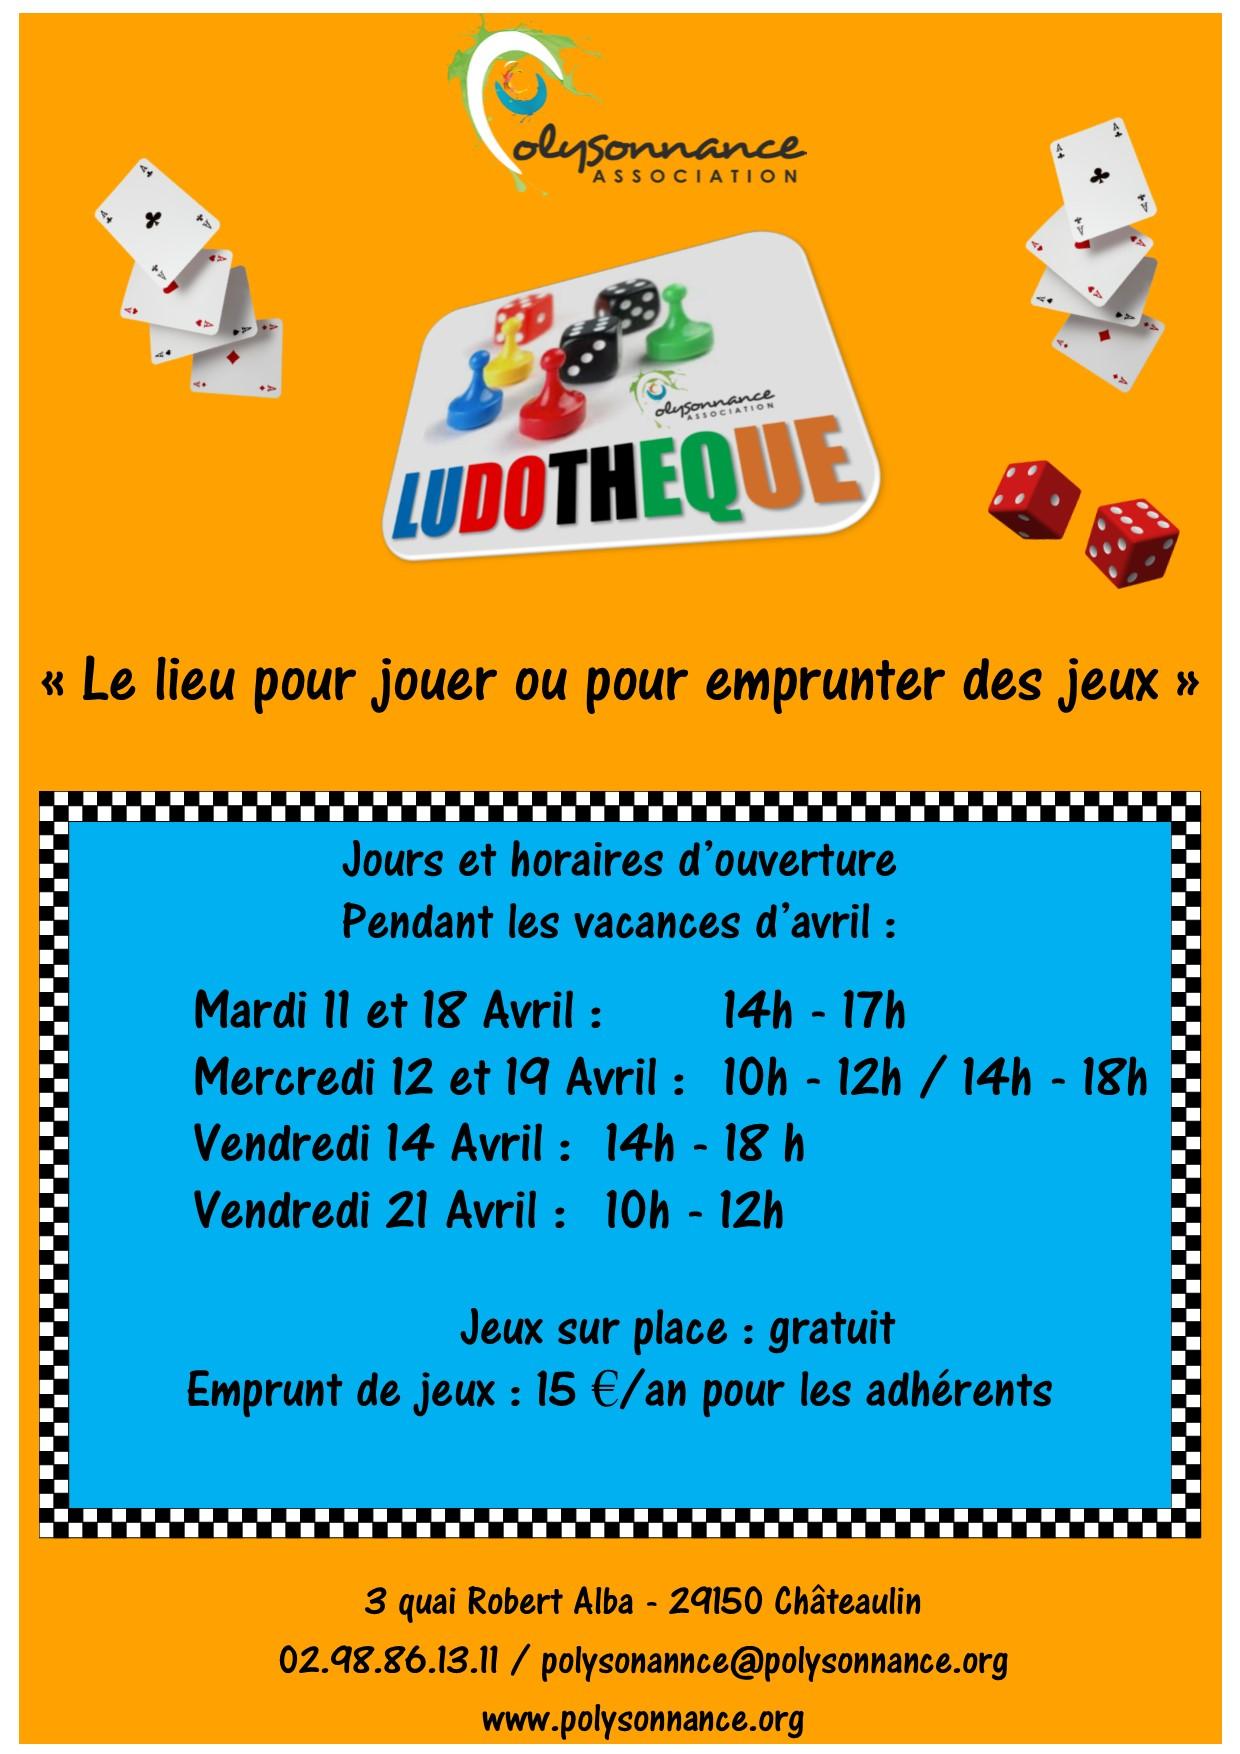 LUDOTHEQUE : horaires d'ouverture pendant les vacances d'avril